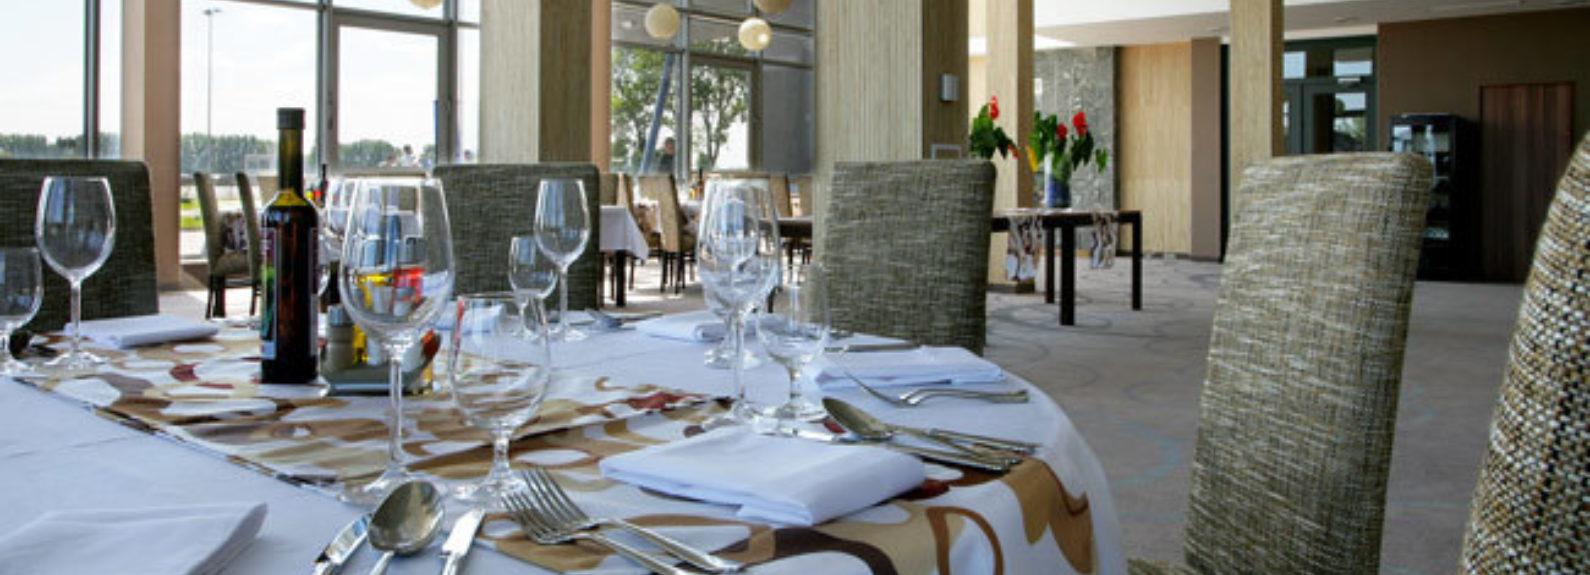 Restauracia 002